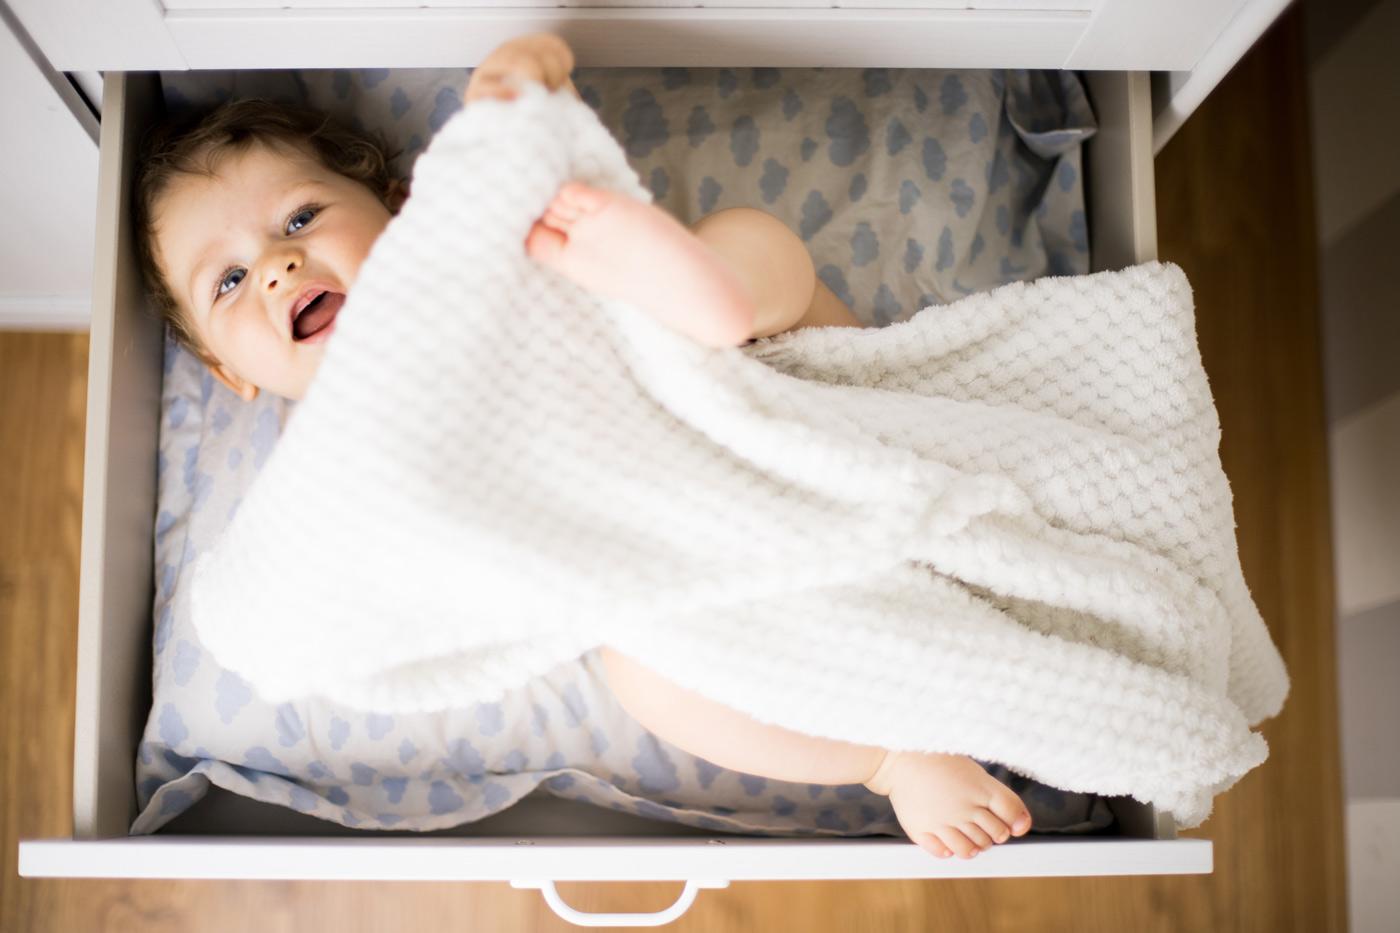 plano cenital de un bebe tumbado dentro un cajon de armario de ikea cubierto por una manta